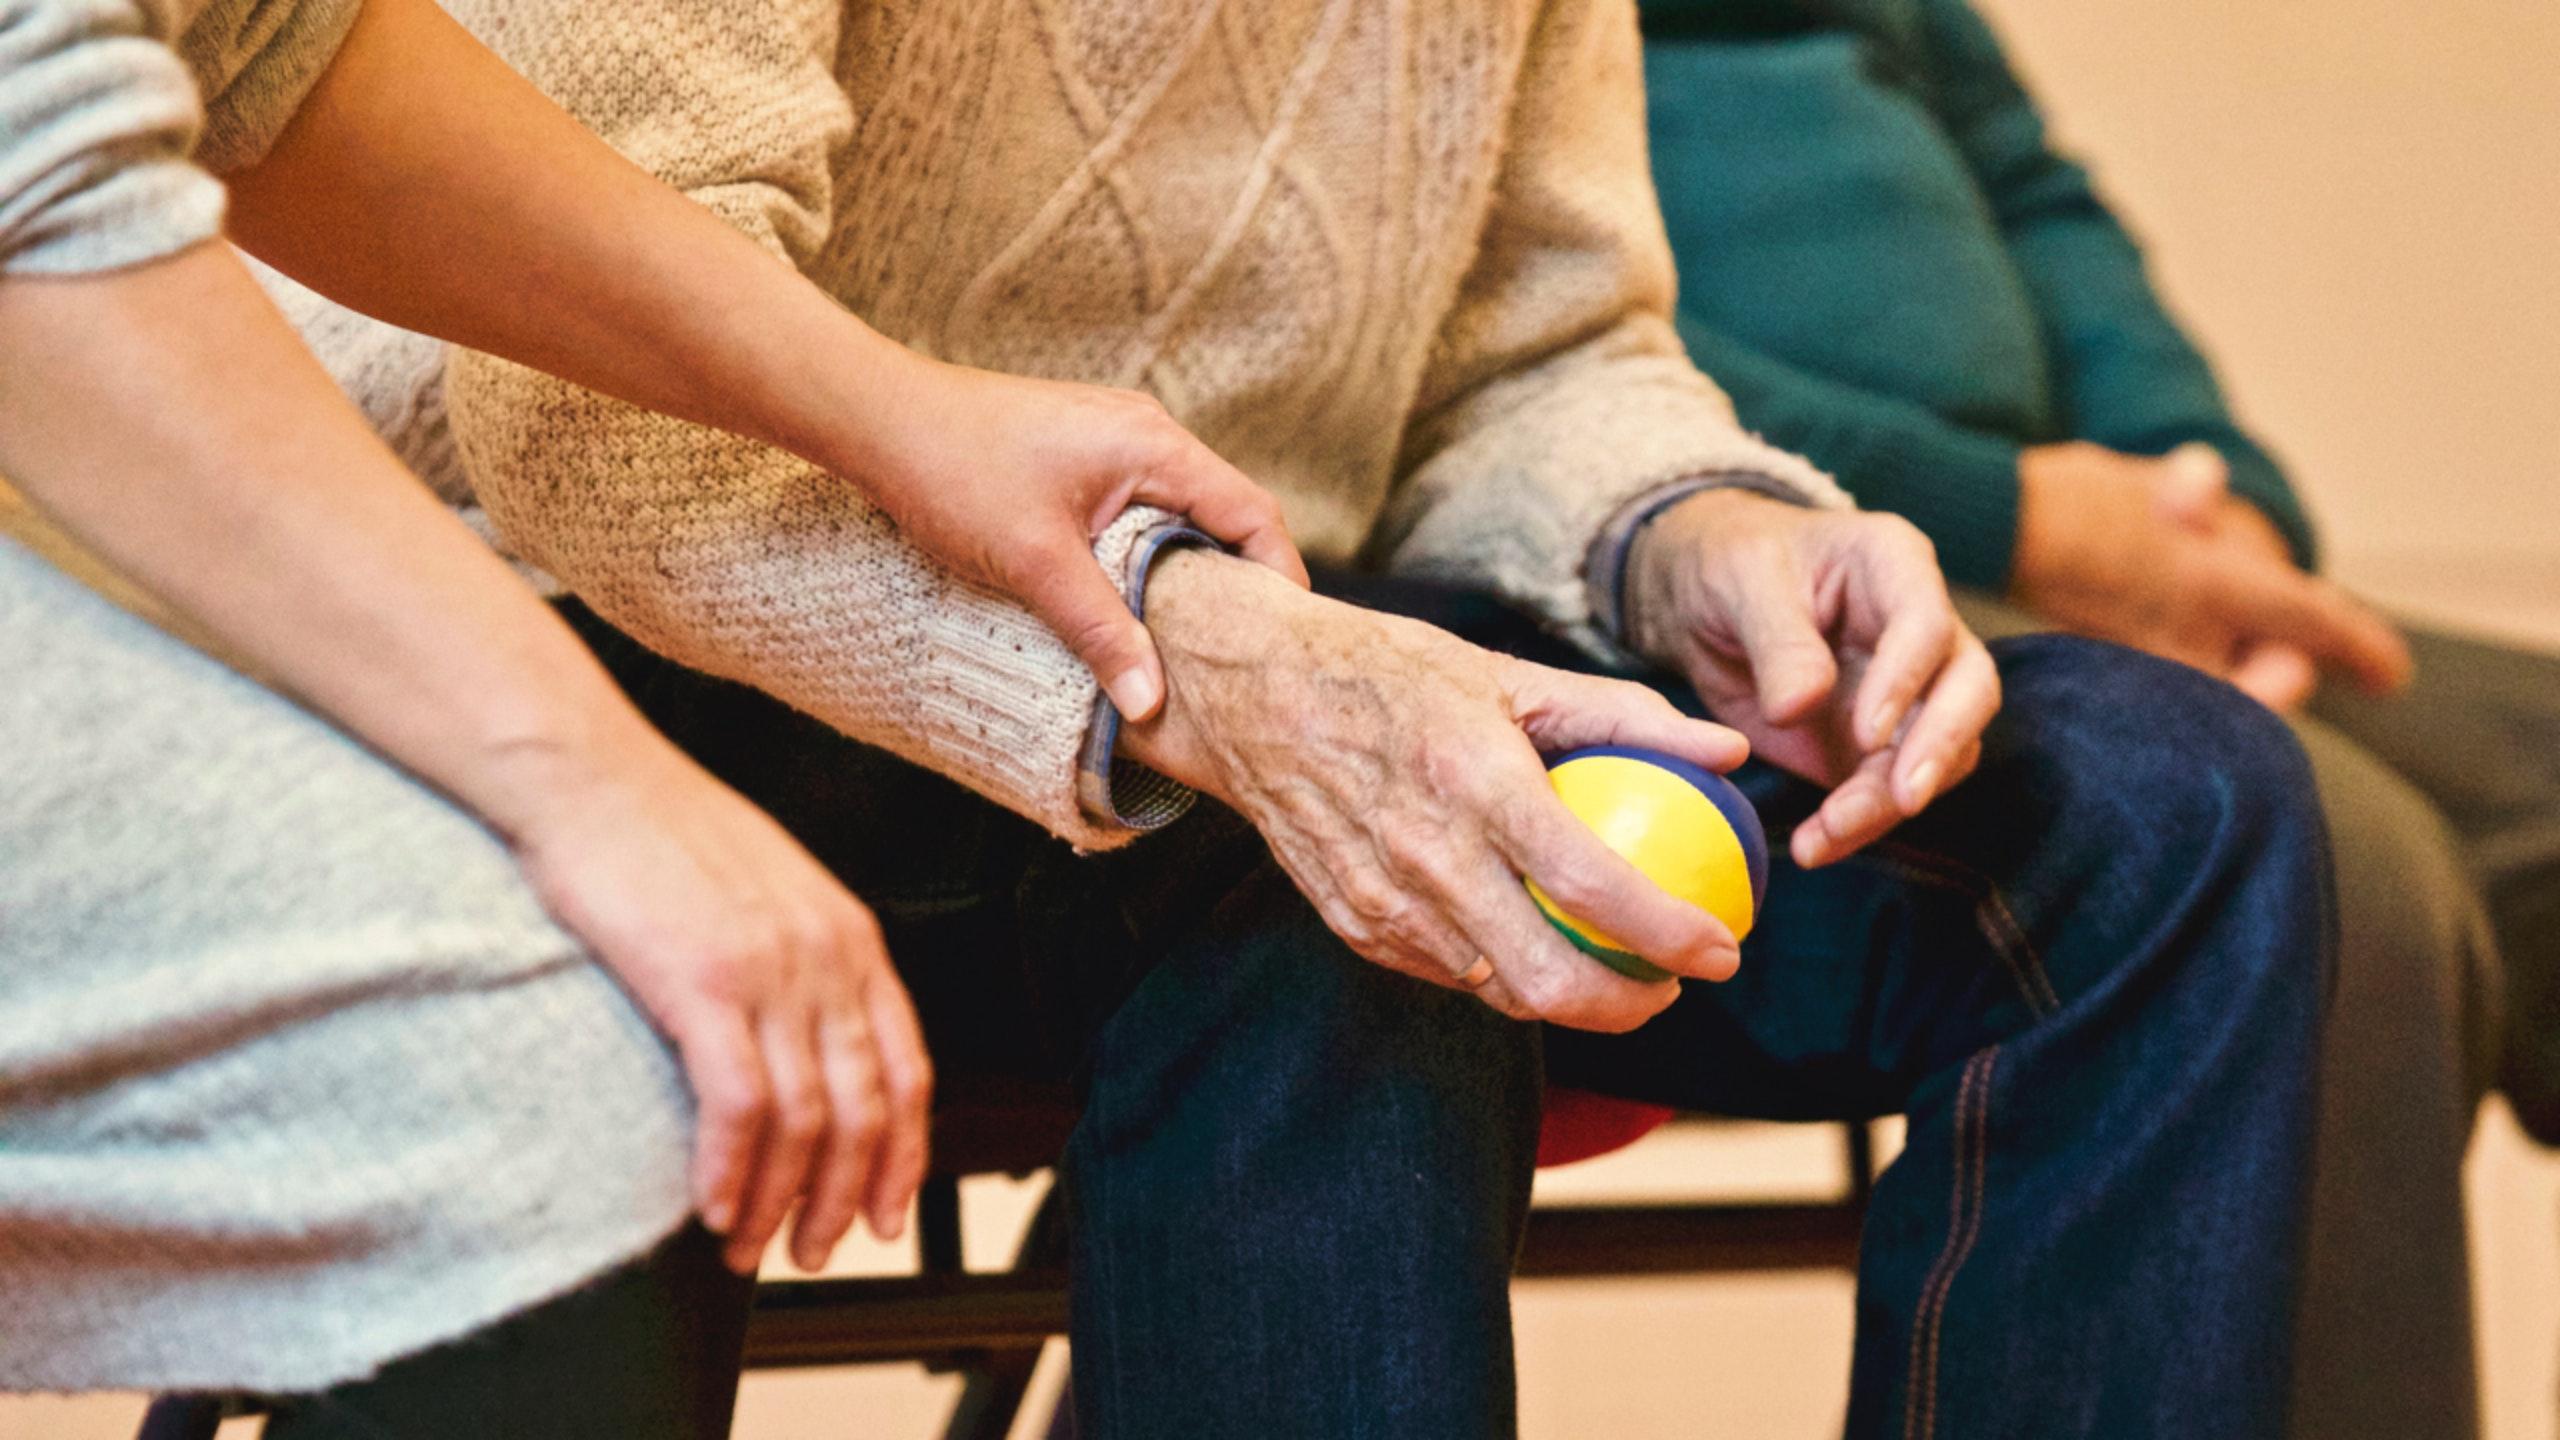 Elderly hand holding a stress ball